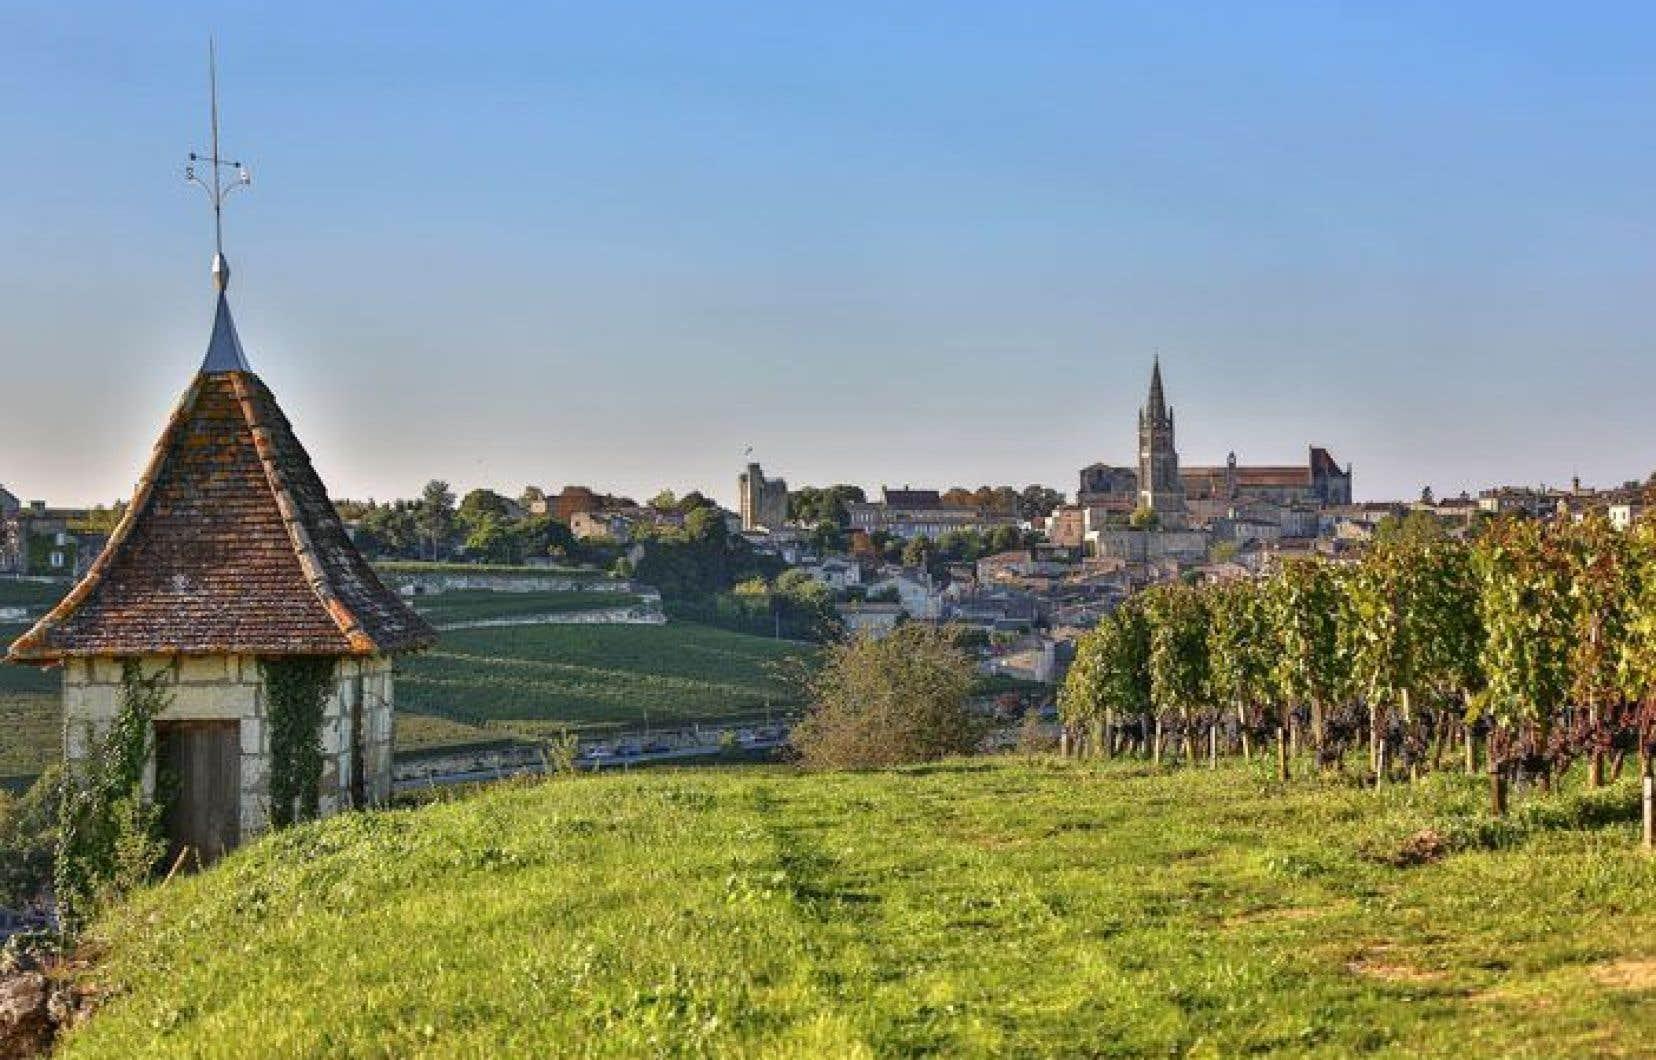 La cabane du vigneron. L'ensemble du vignoble de Saint-Émilion (7846 hectares) a été inscrit pour la première fois au monde au Patrimoine de l'UNESCO en 1999.